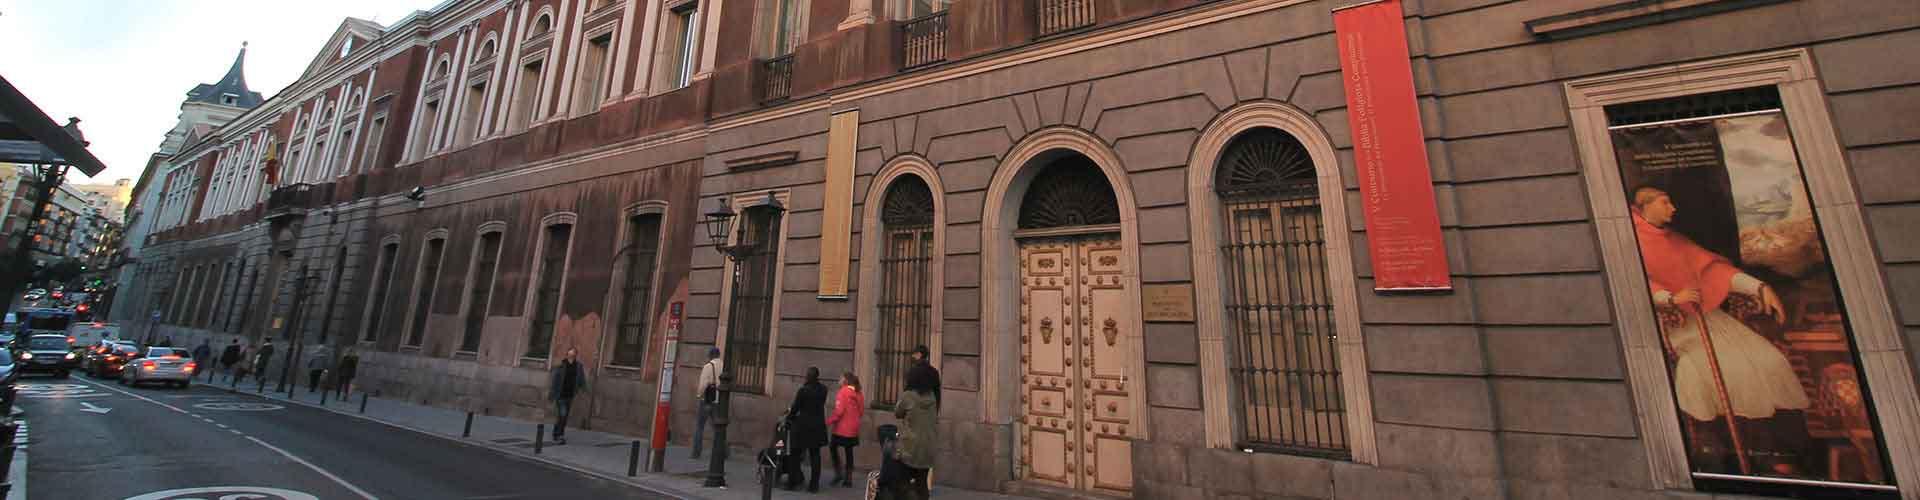 Madrid – Hostellit kaupungiosassa Universidad. Madrid -karttoja, valokuvia ja arvosteluja kaikista Madrid -hostelleista.